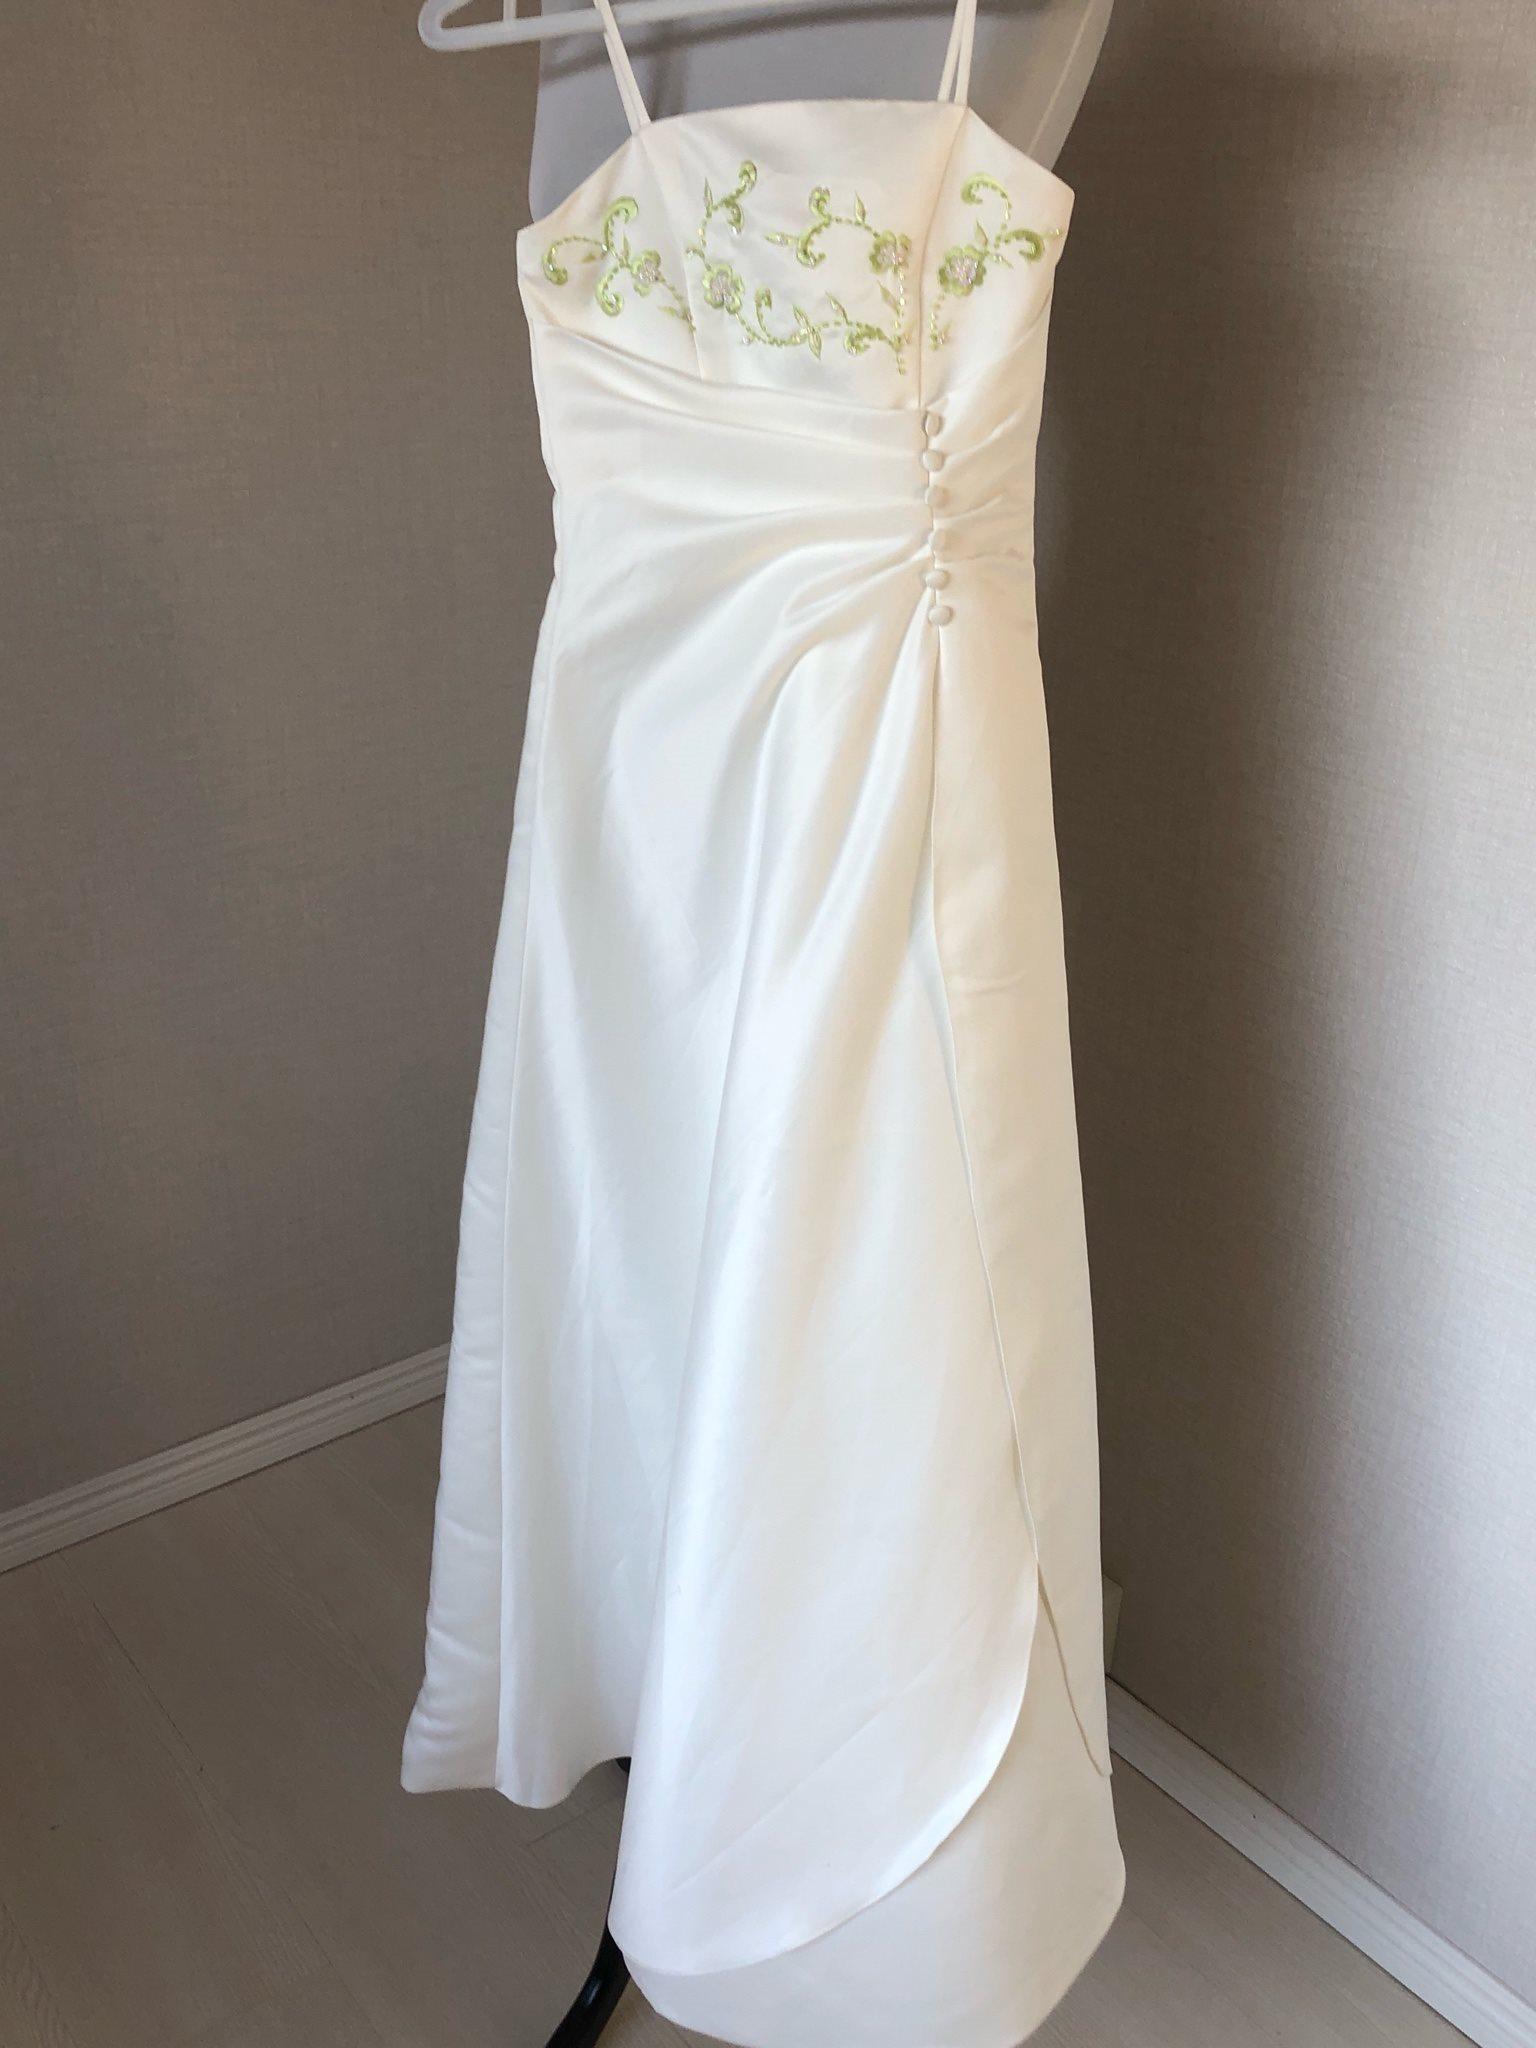 Festklänning näbbklänning barnklänning (339785622) ᐈ Köp på Tradera ad2192fe09f1e